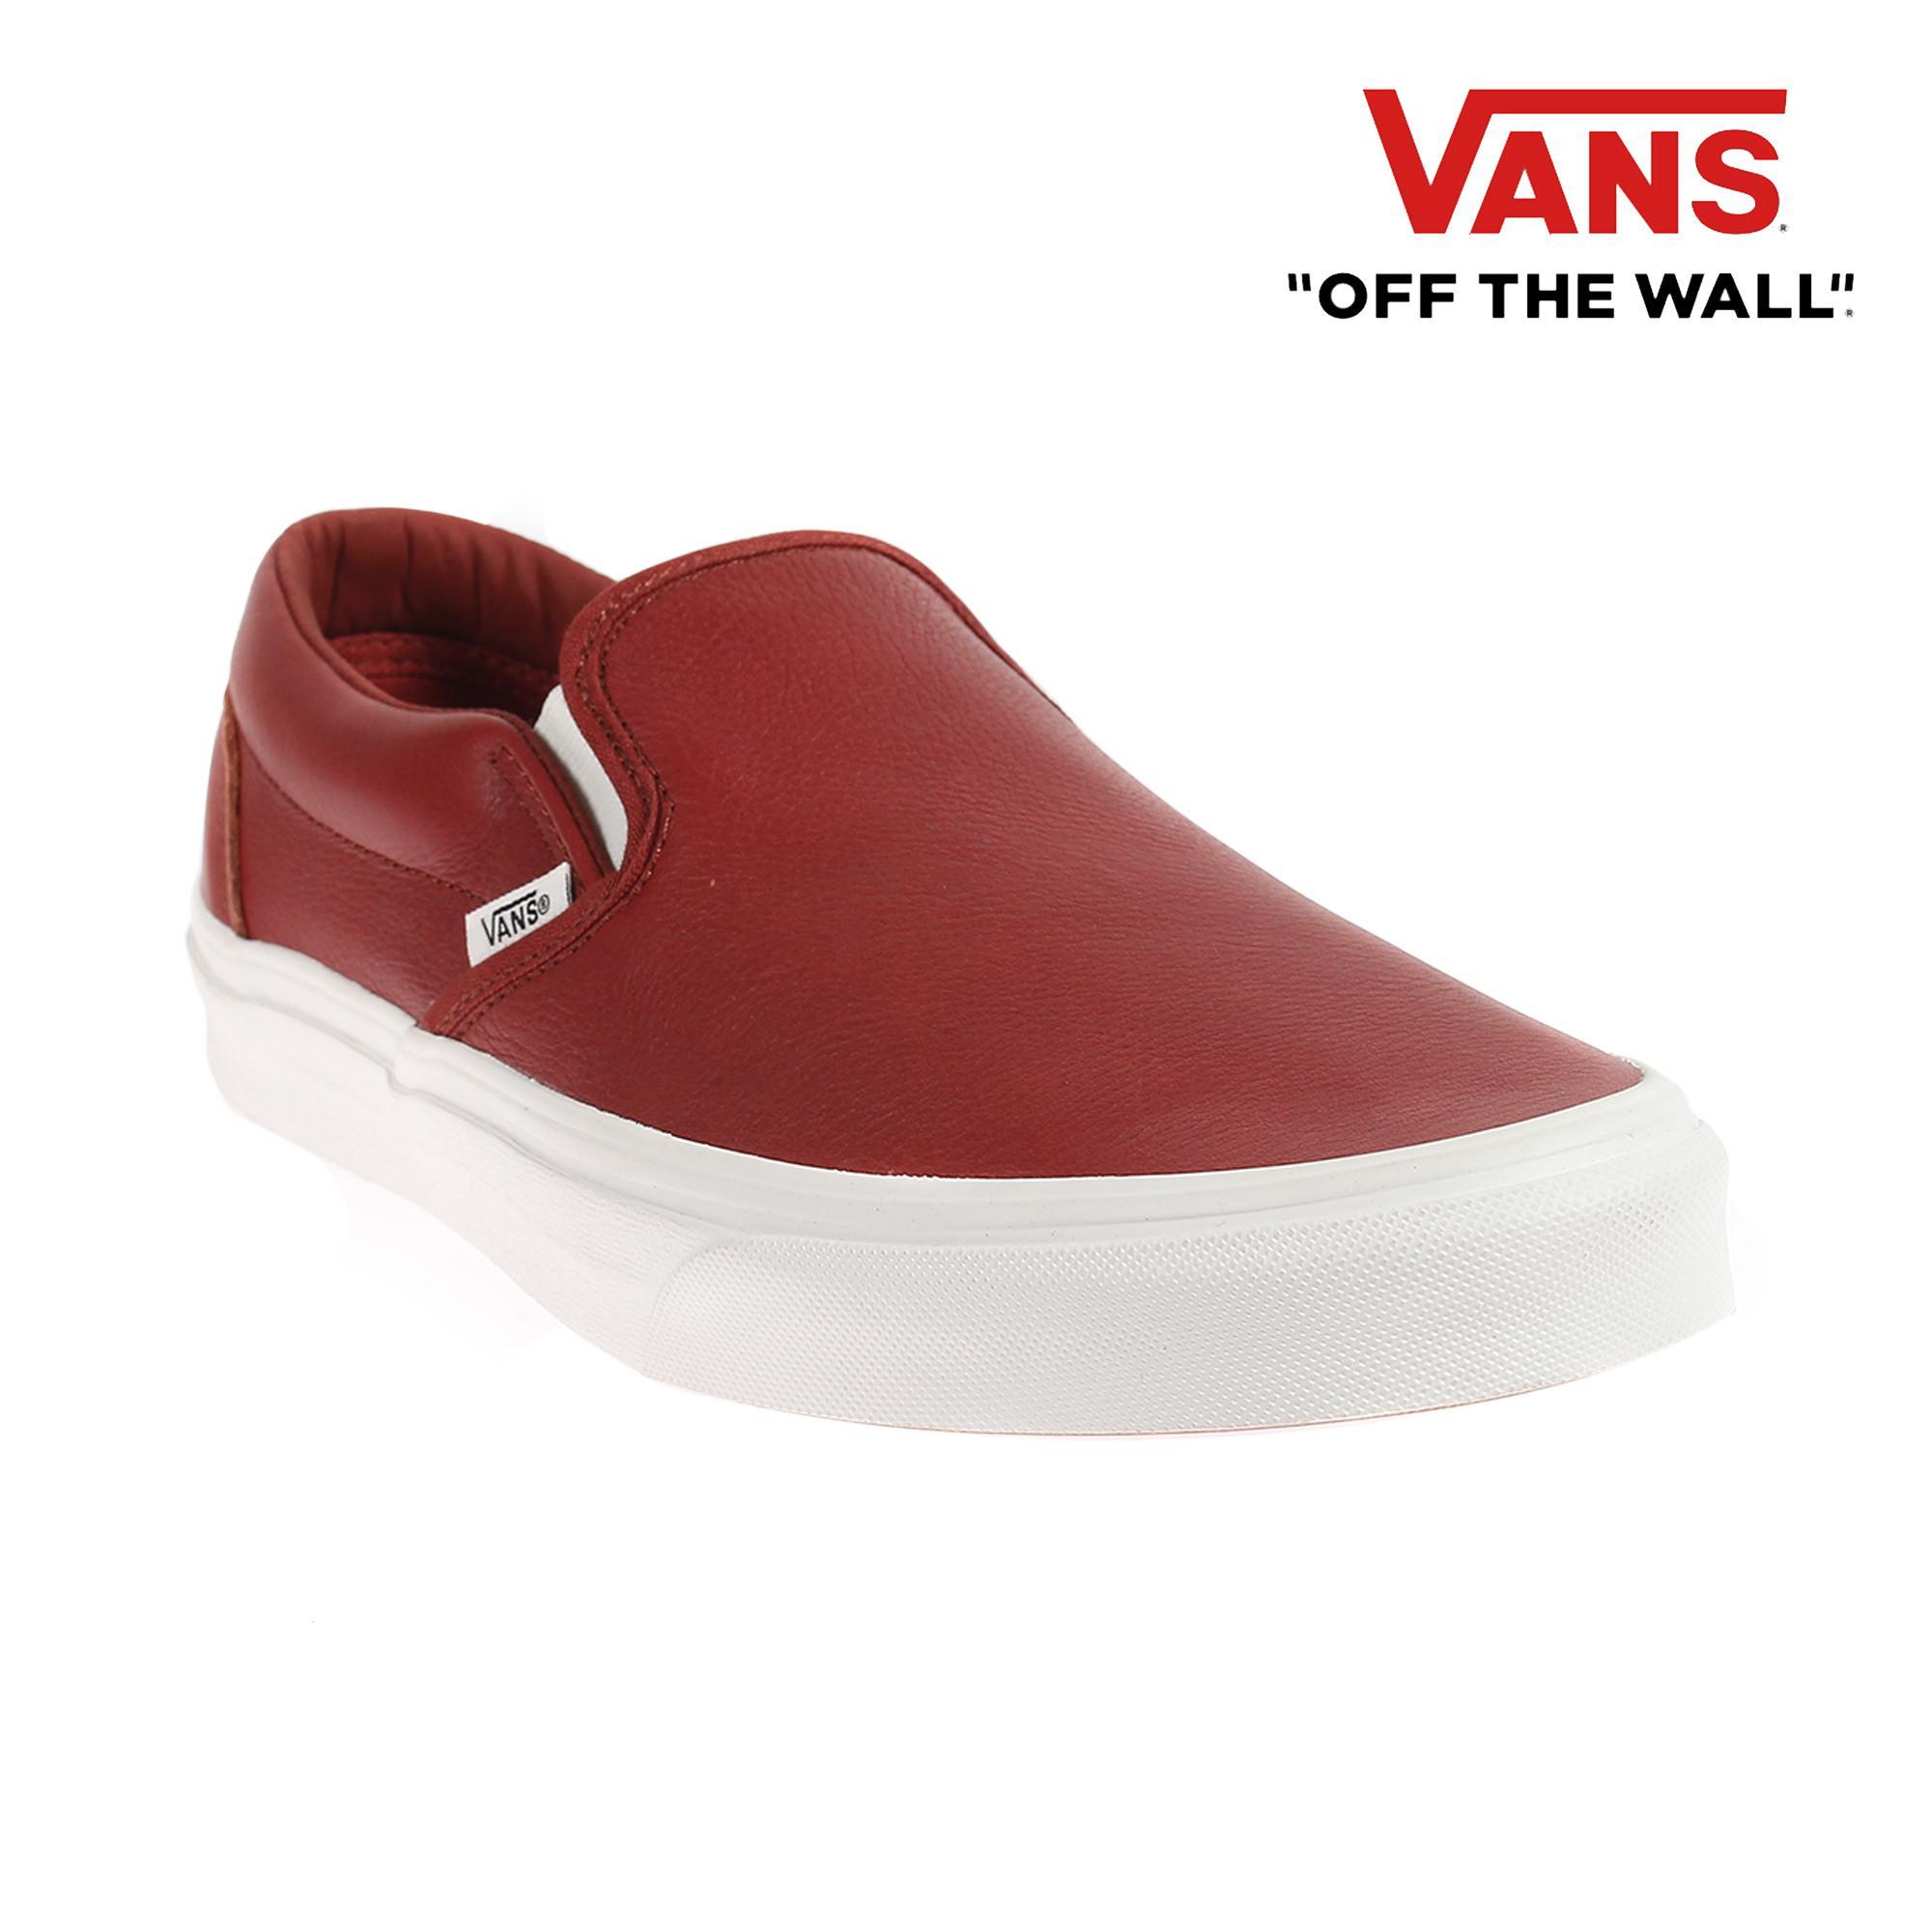 0c0a688530 Vans Shoes for Men Philippines - Vans Men s Shoes for sale - prices ...